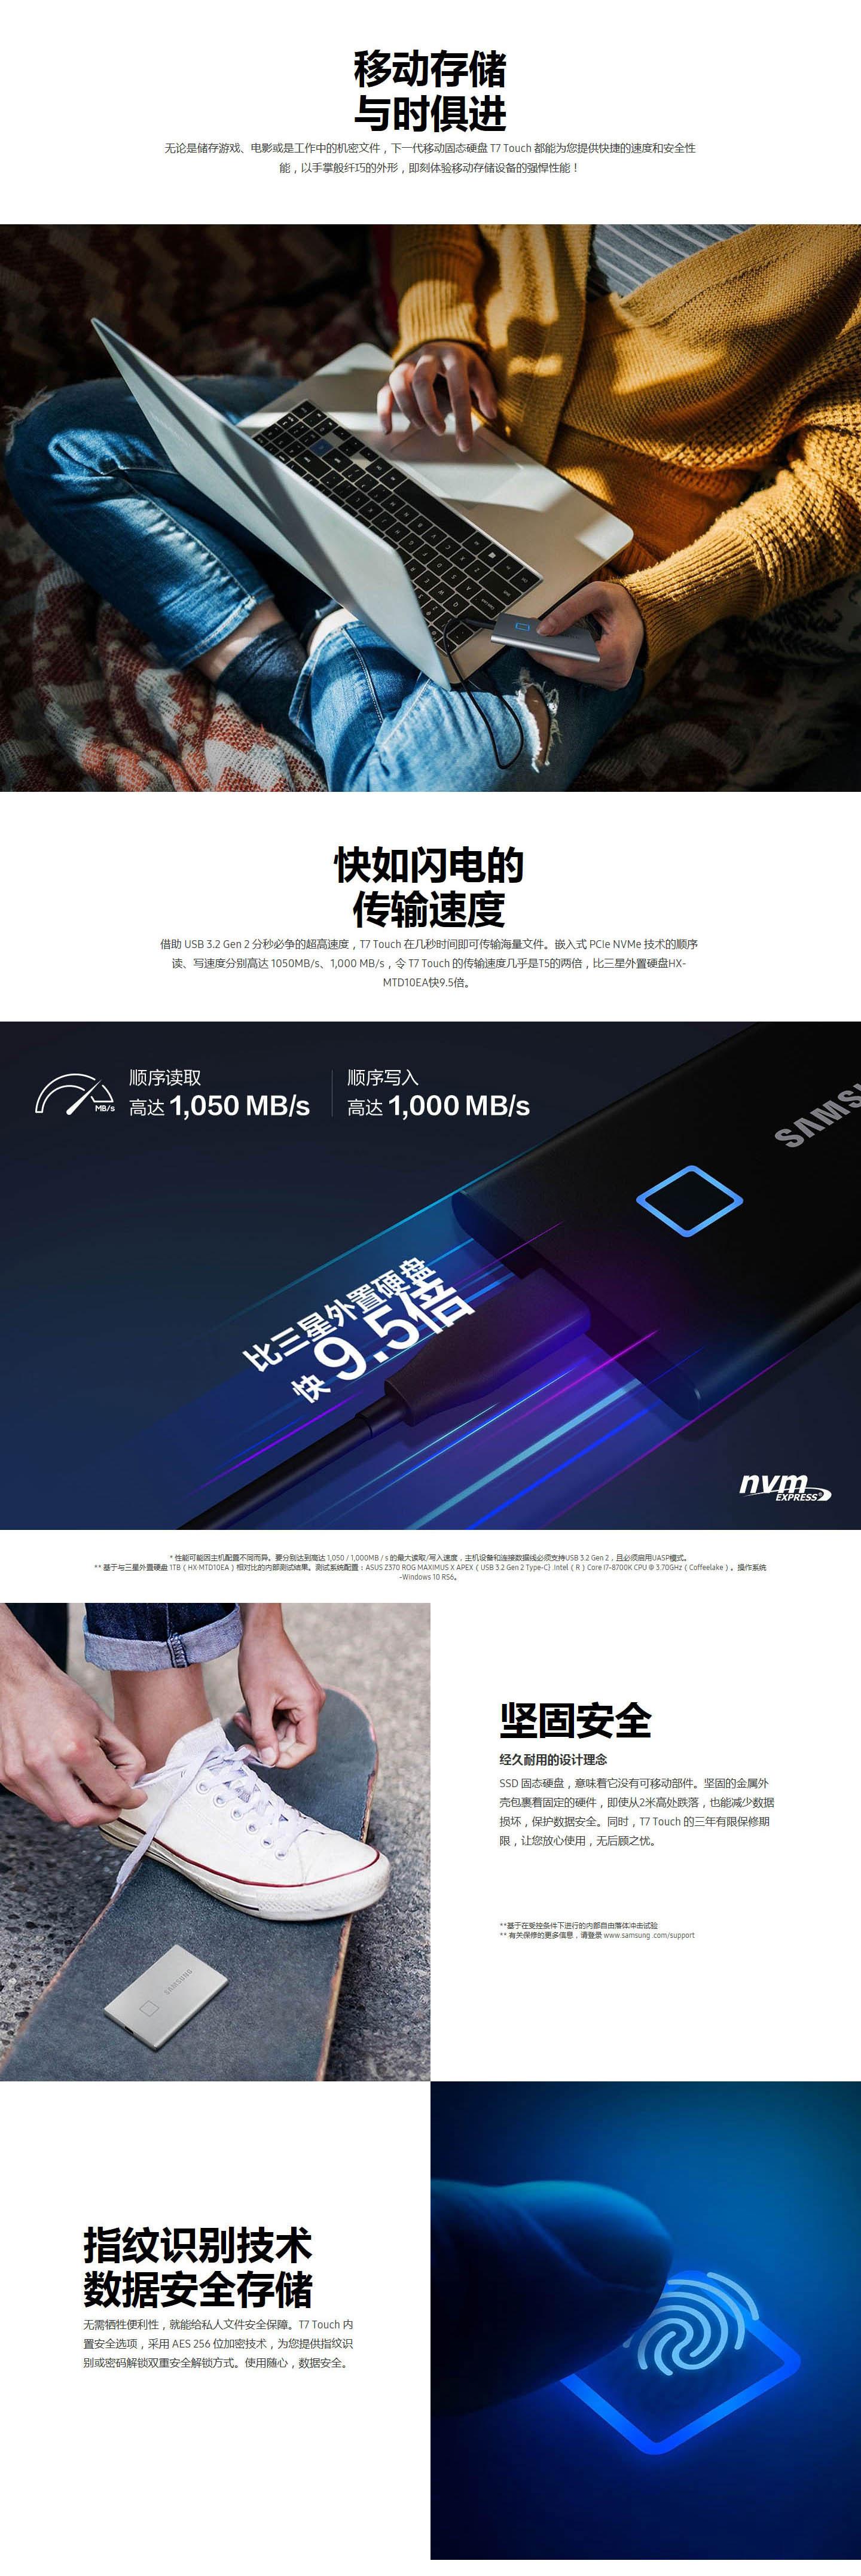 T7-Touch-USB3.2-Gen2-移動固態硬盤-經典黑-1_01